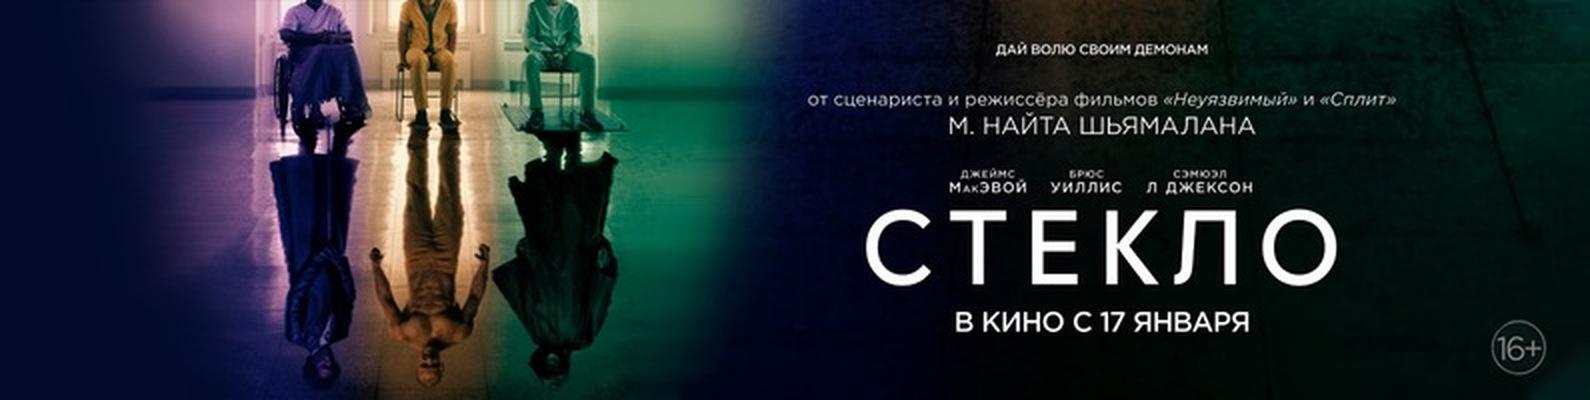 Углич дом кино россия афиша на неделю театры синтезис новокузнецка афиша